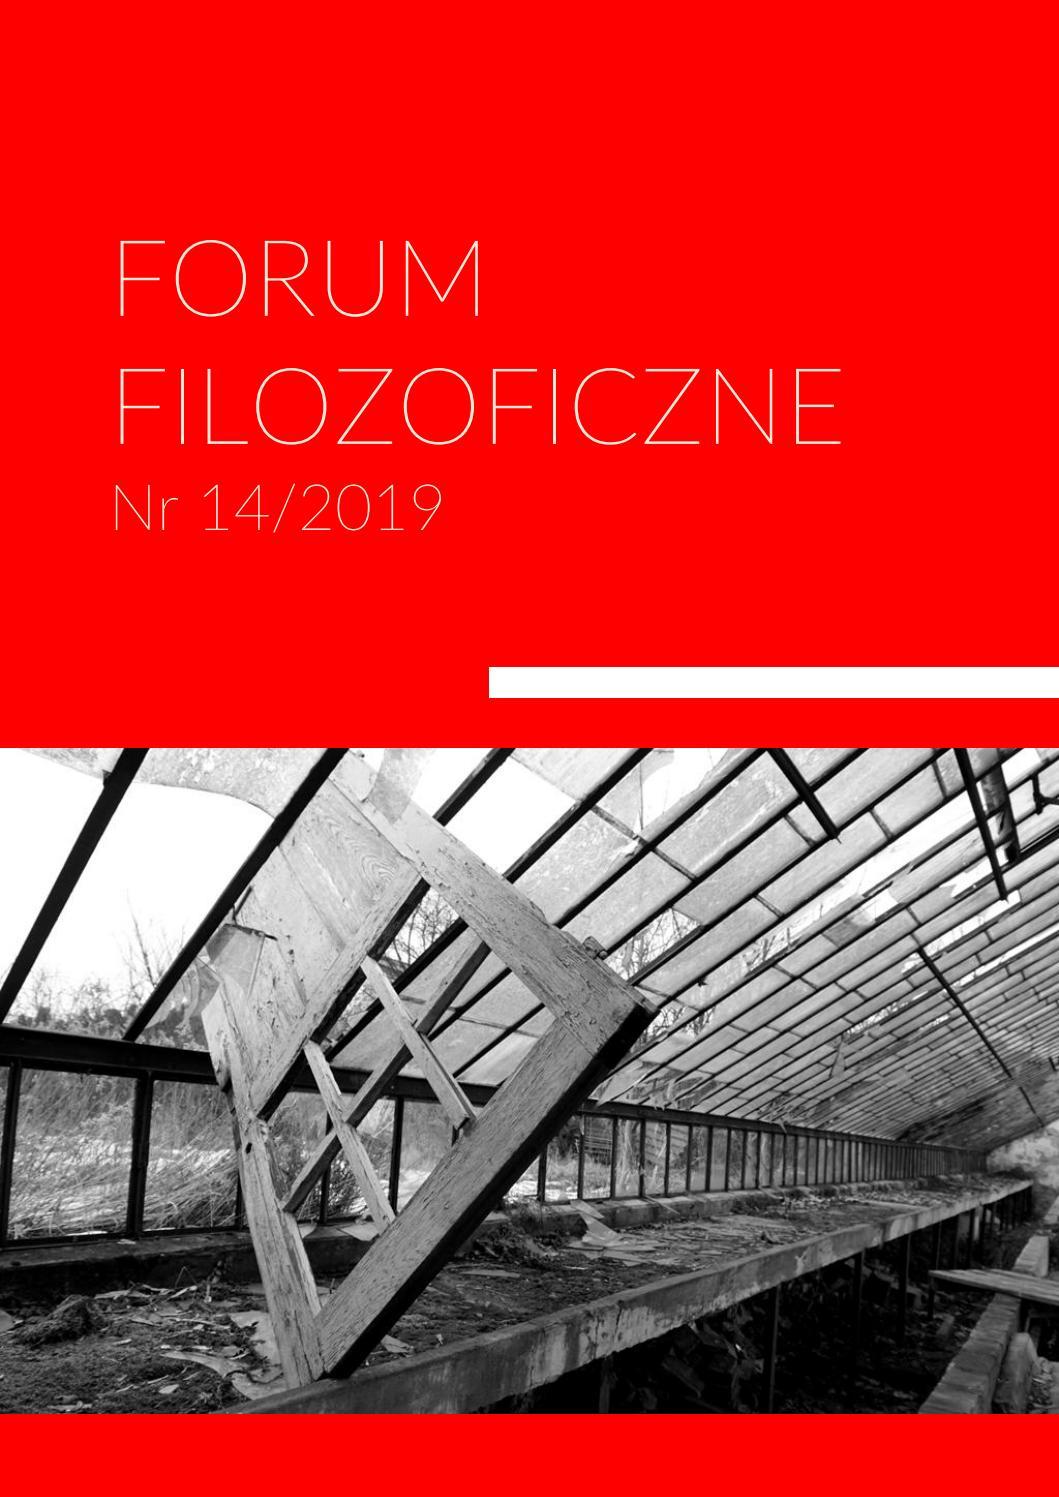 Forum Filozoficzne Nr 14 20182019 By Dkfeudaimonia Issuu